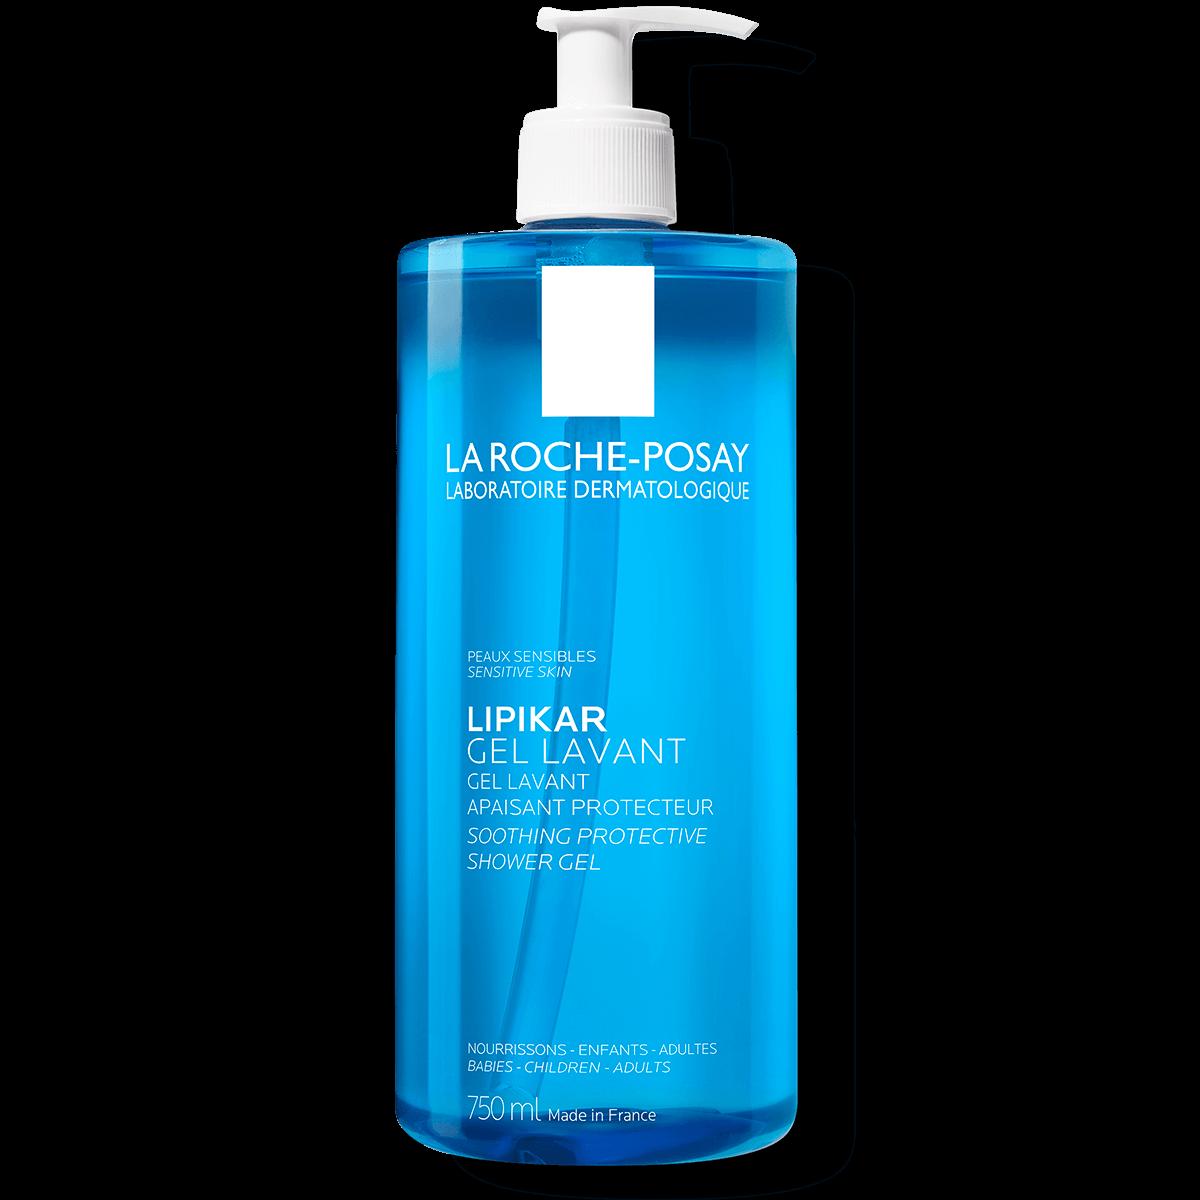 La Roche Posay ProductPage Eczema Lipikar Gel Lavant 750ml 3337872418815 Front